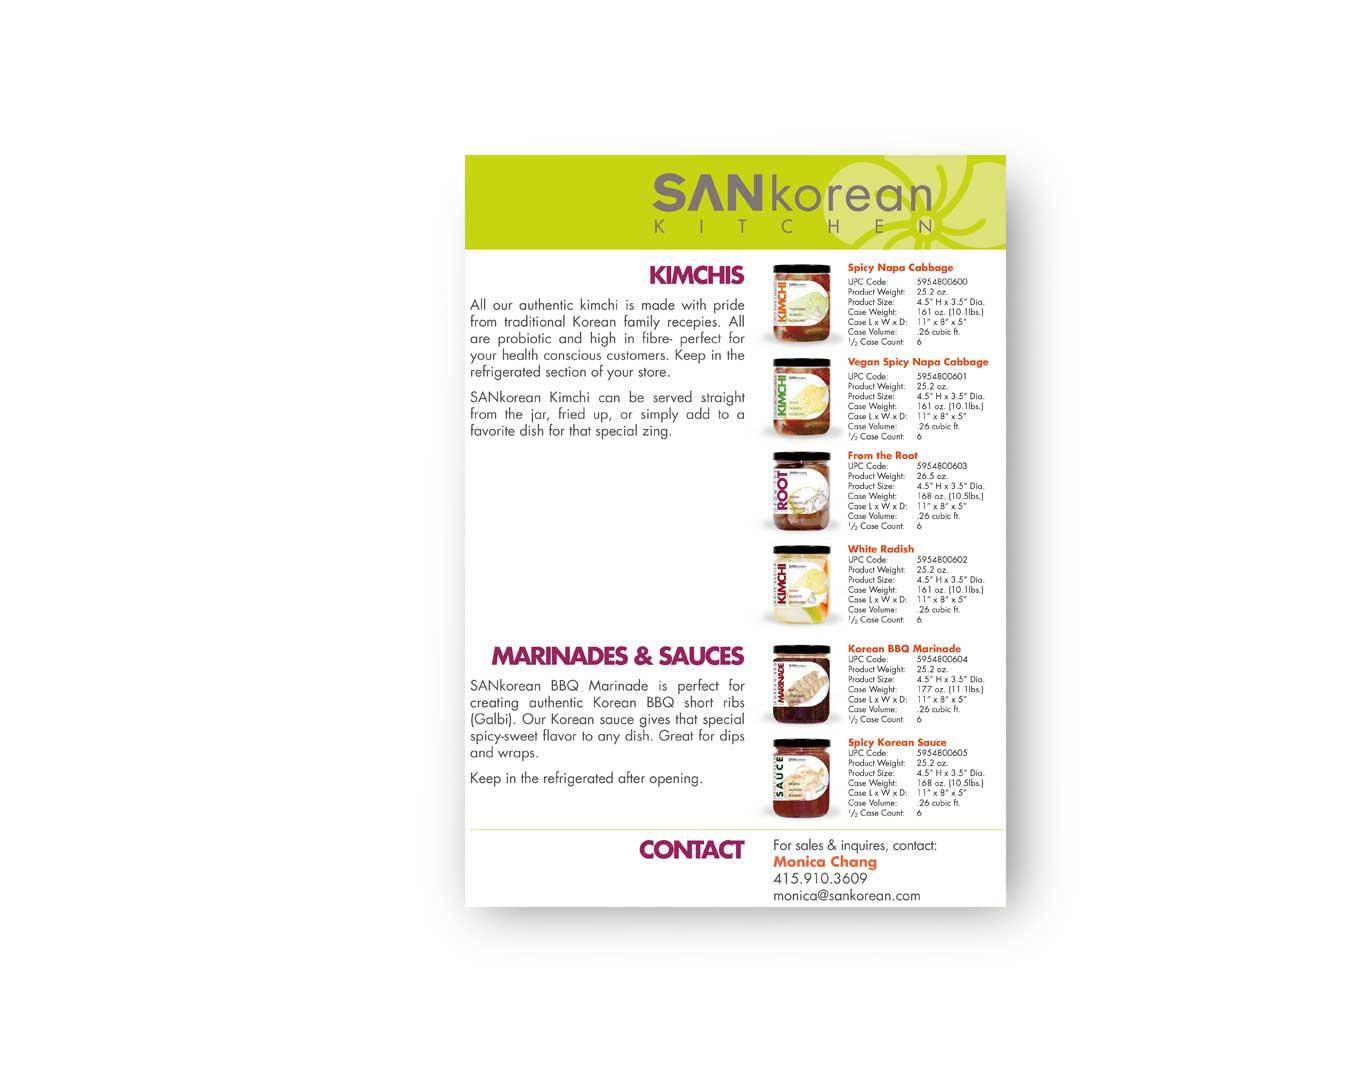 Campaign- SANkorean Kitchen